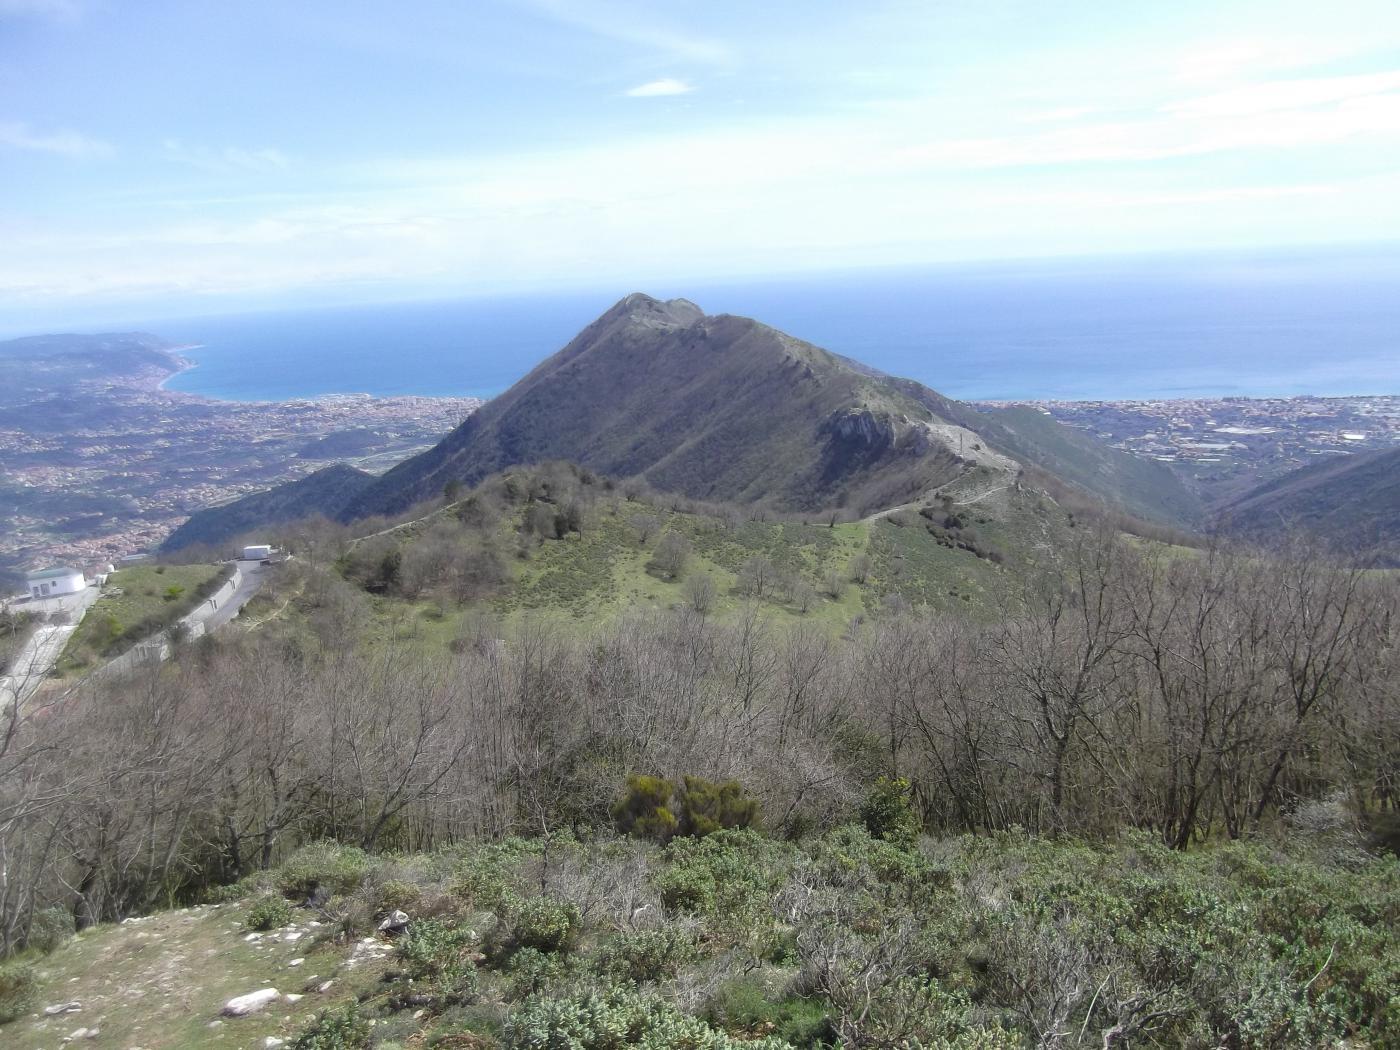 la cresta di discesa con il Monte Acuto